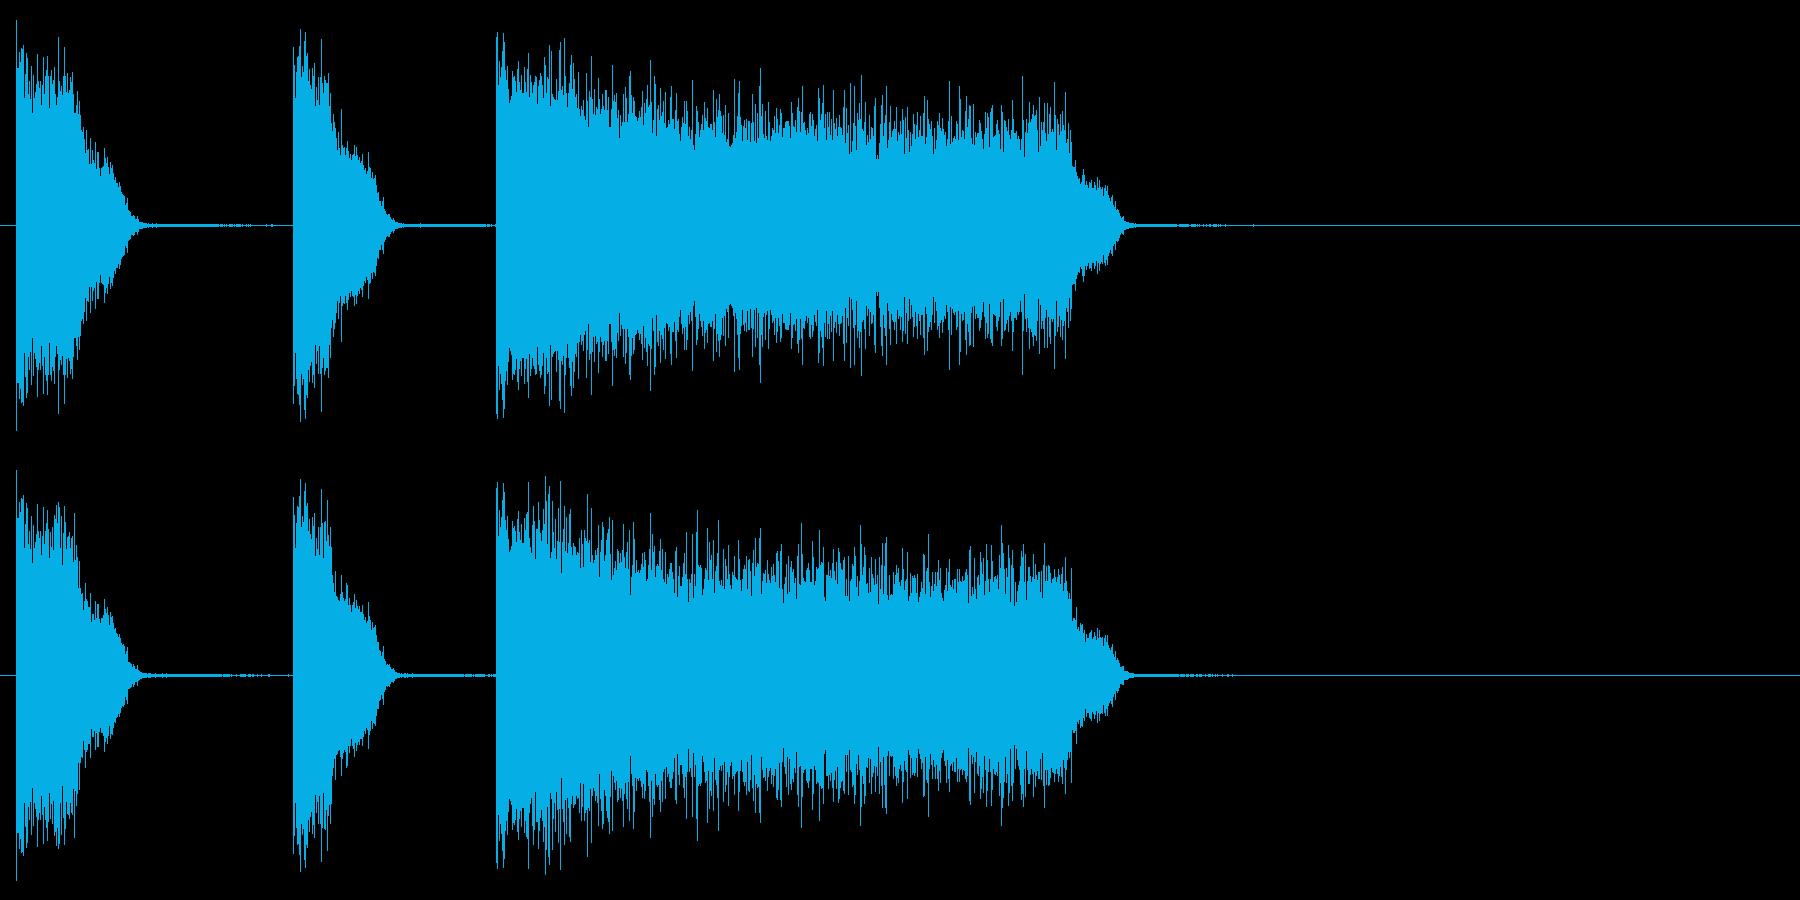 ビリビリビリ 雷 感電 シビレ音の再生済みの波形